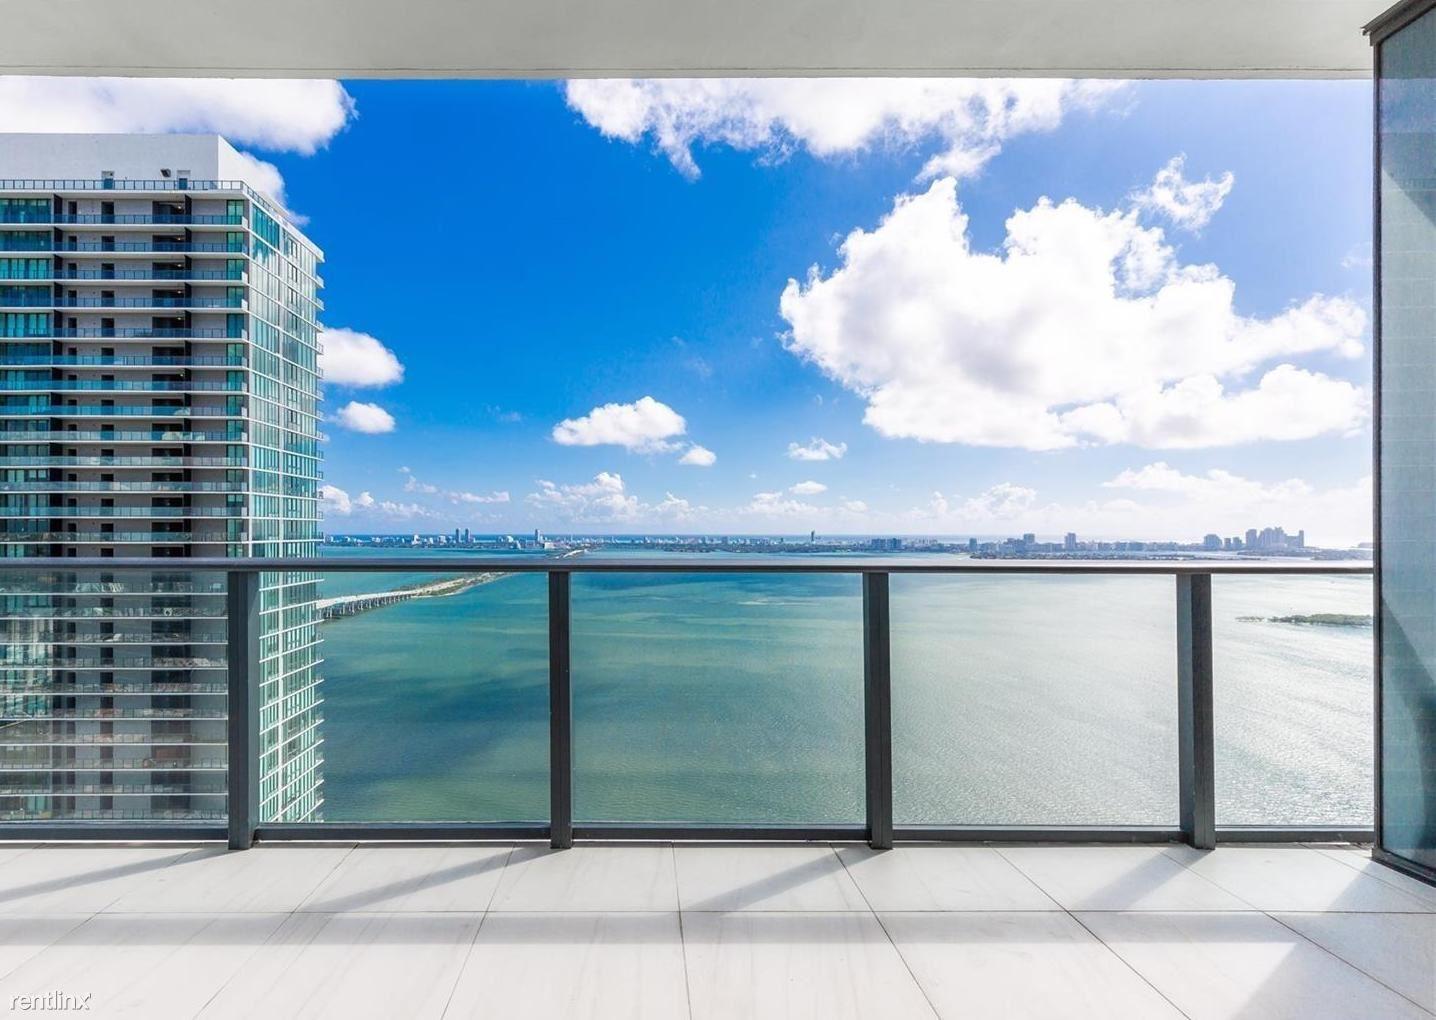 480 NE 31st St Unit 3807, Miami, FL - $6,000